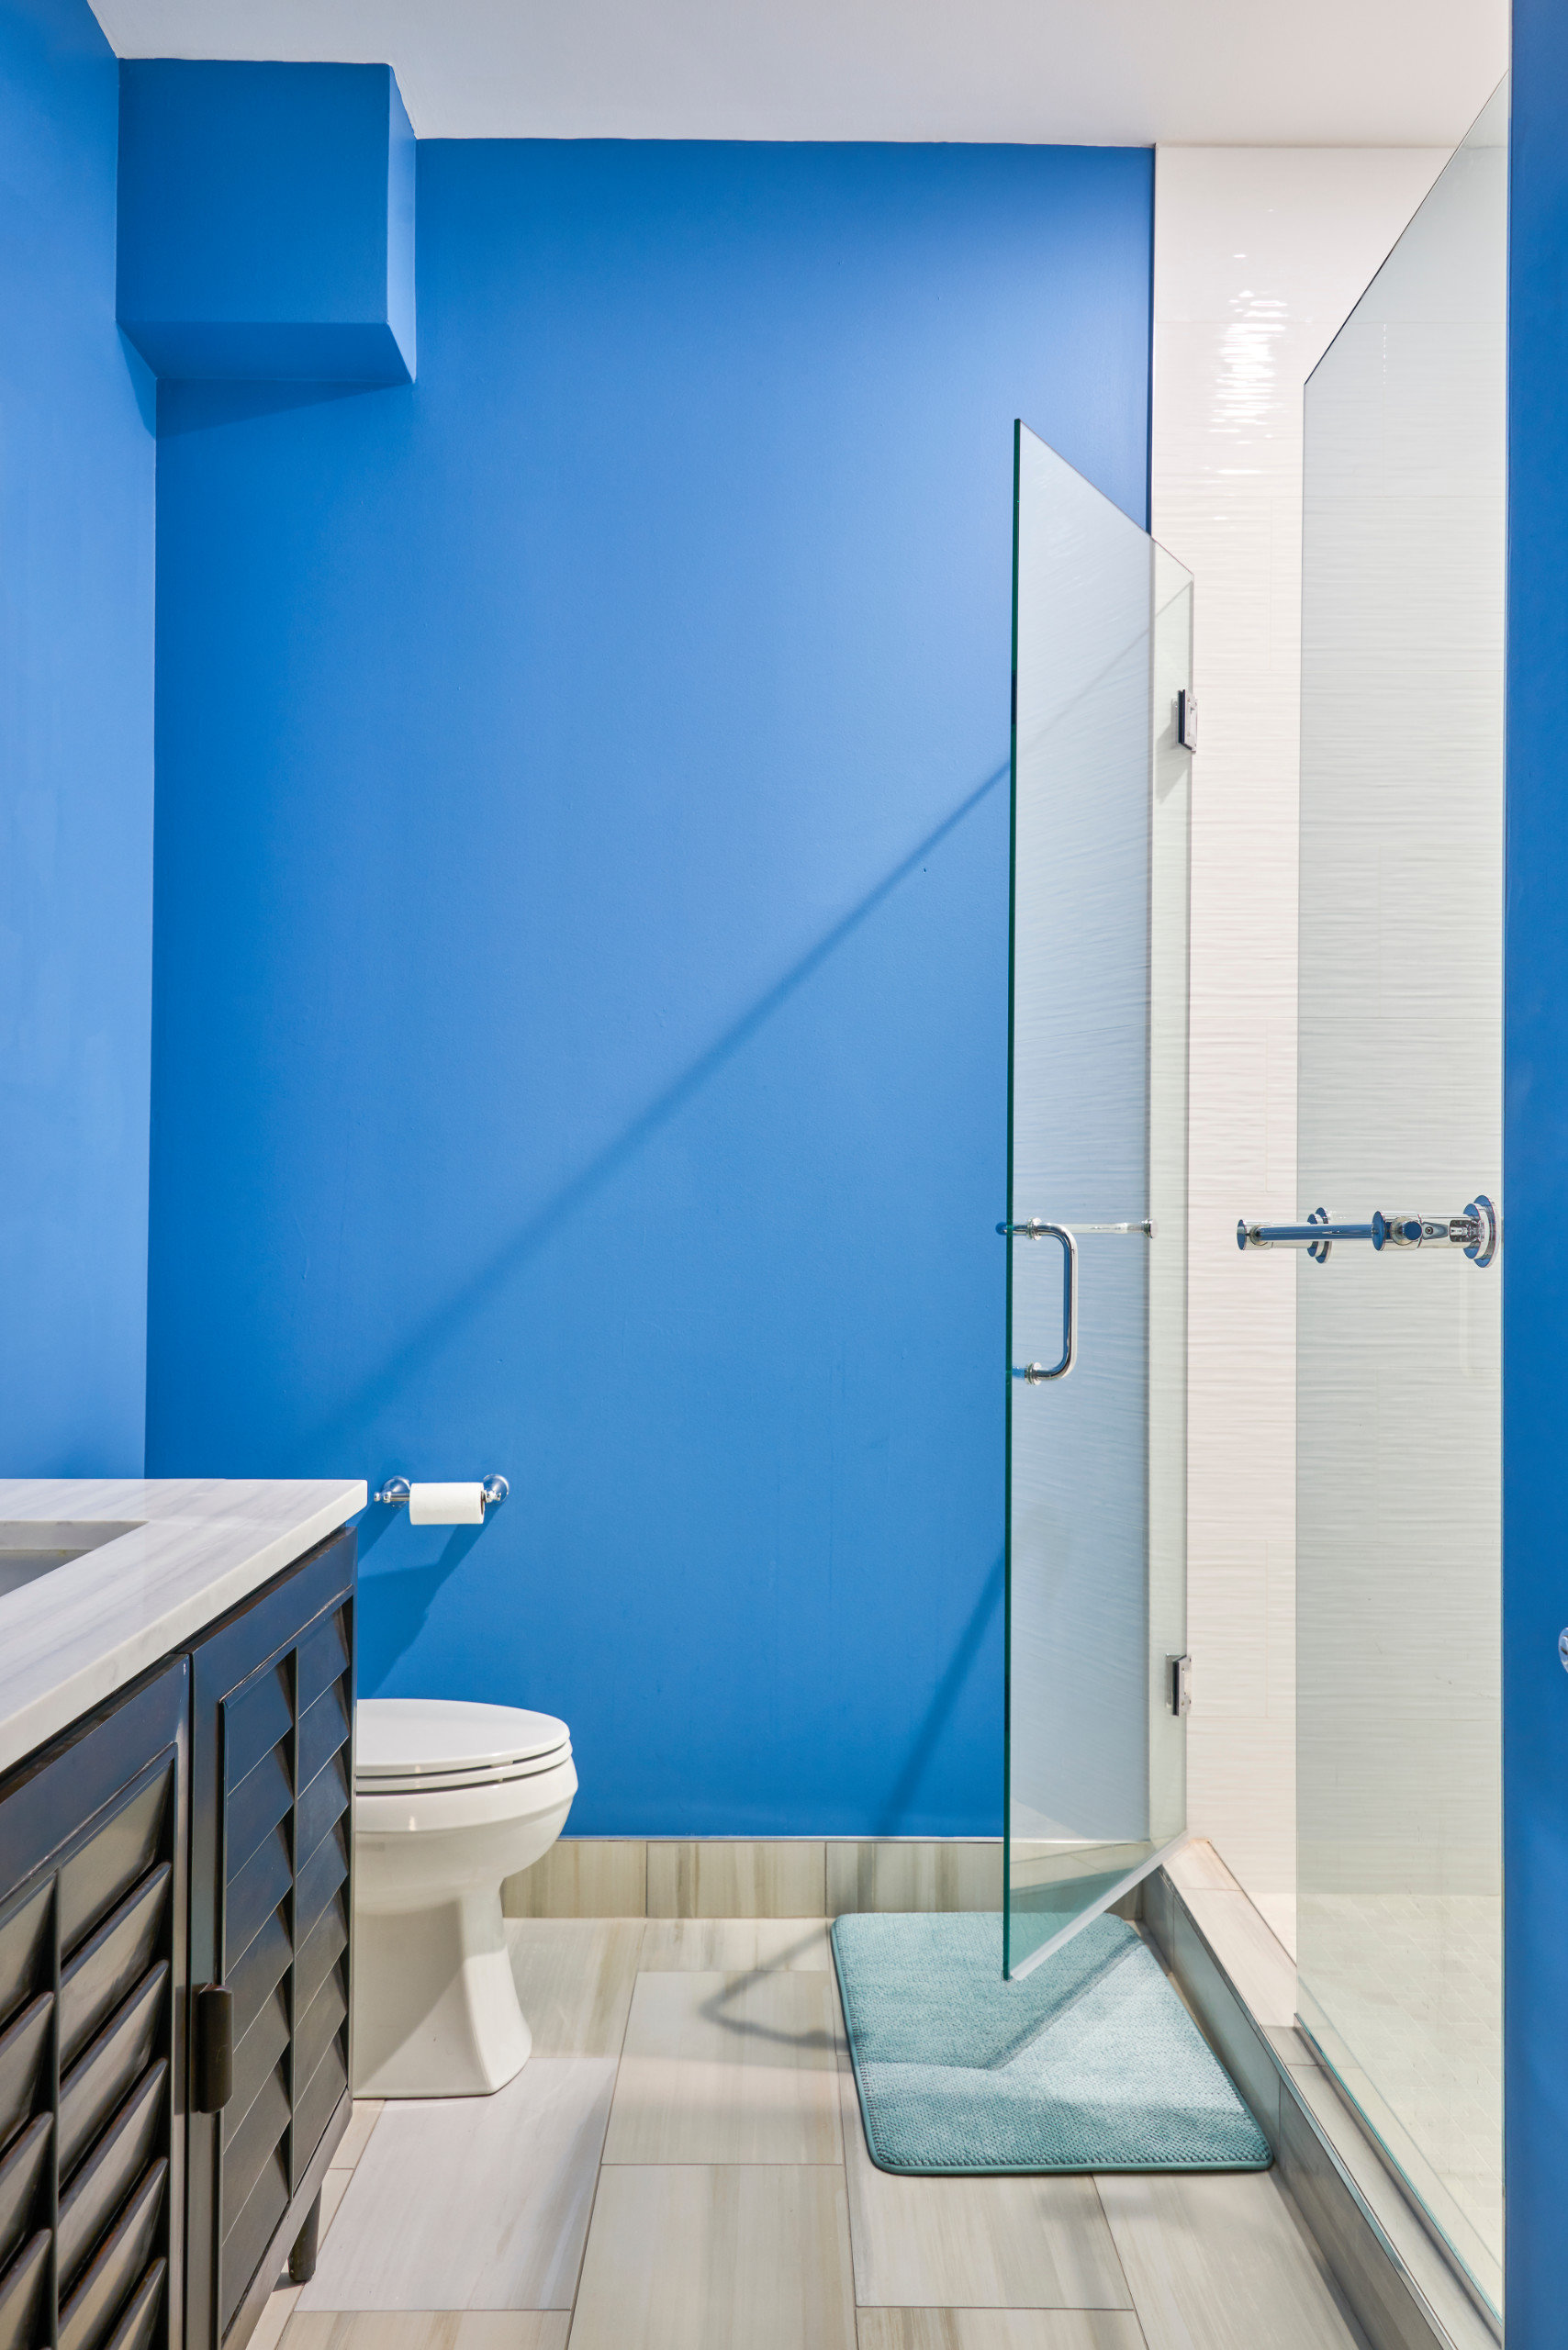 Bathroom Remodeling South Loop Chicago